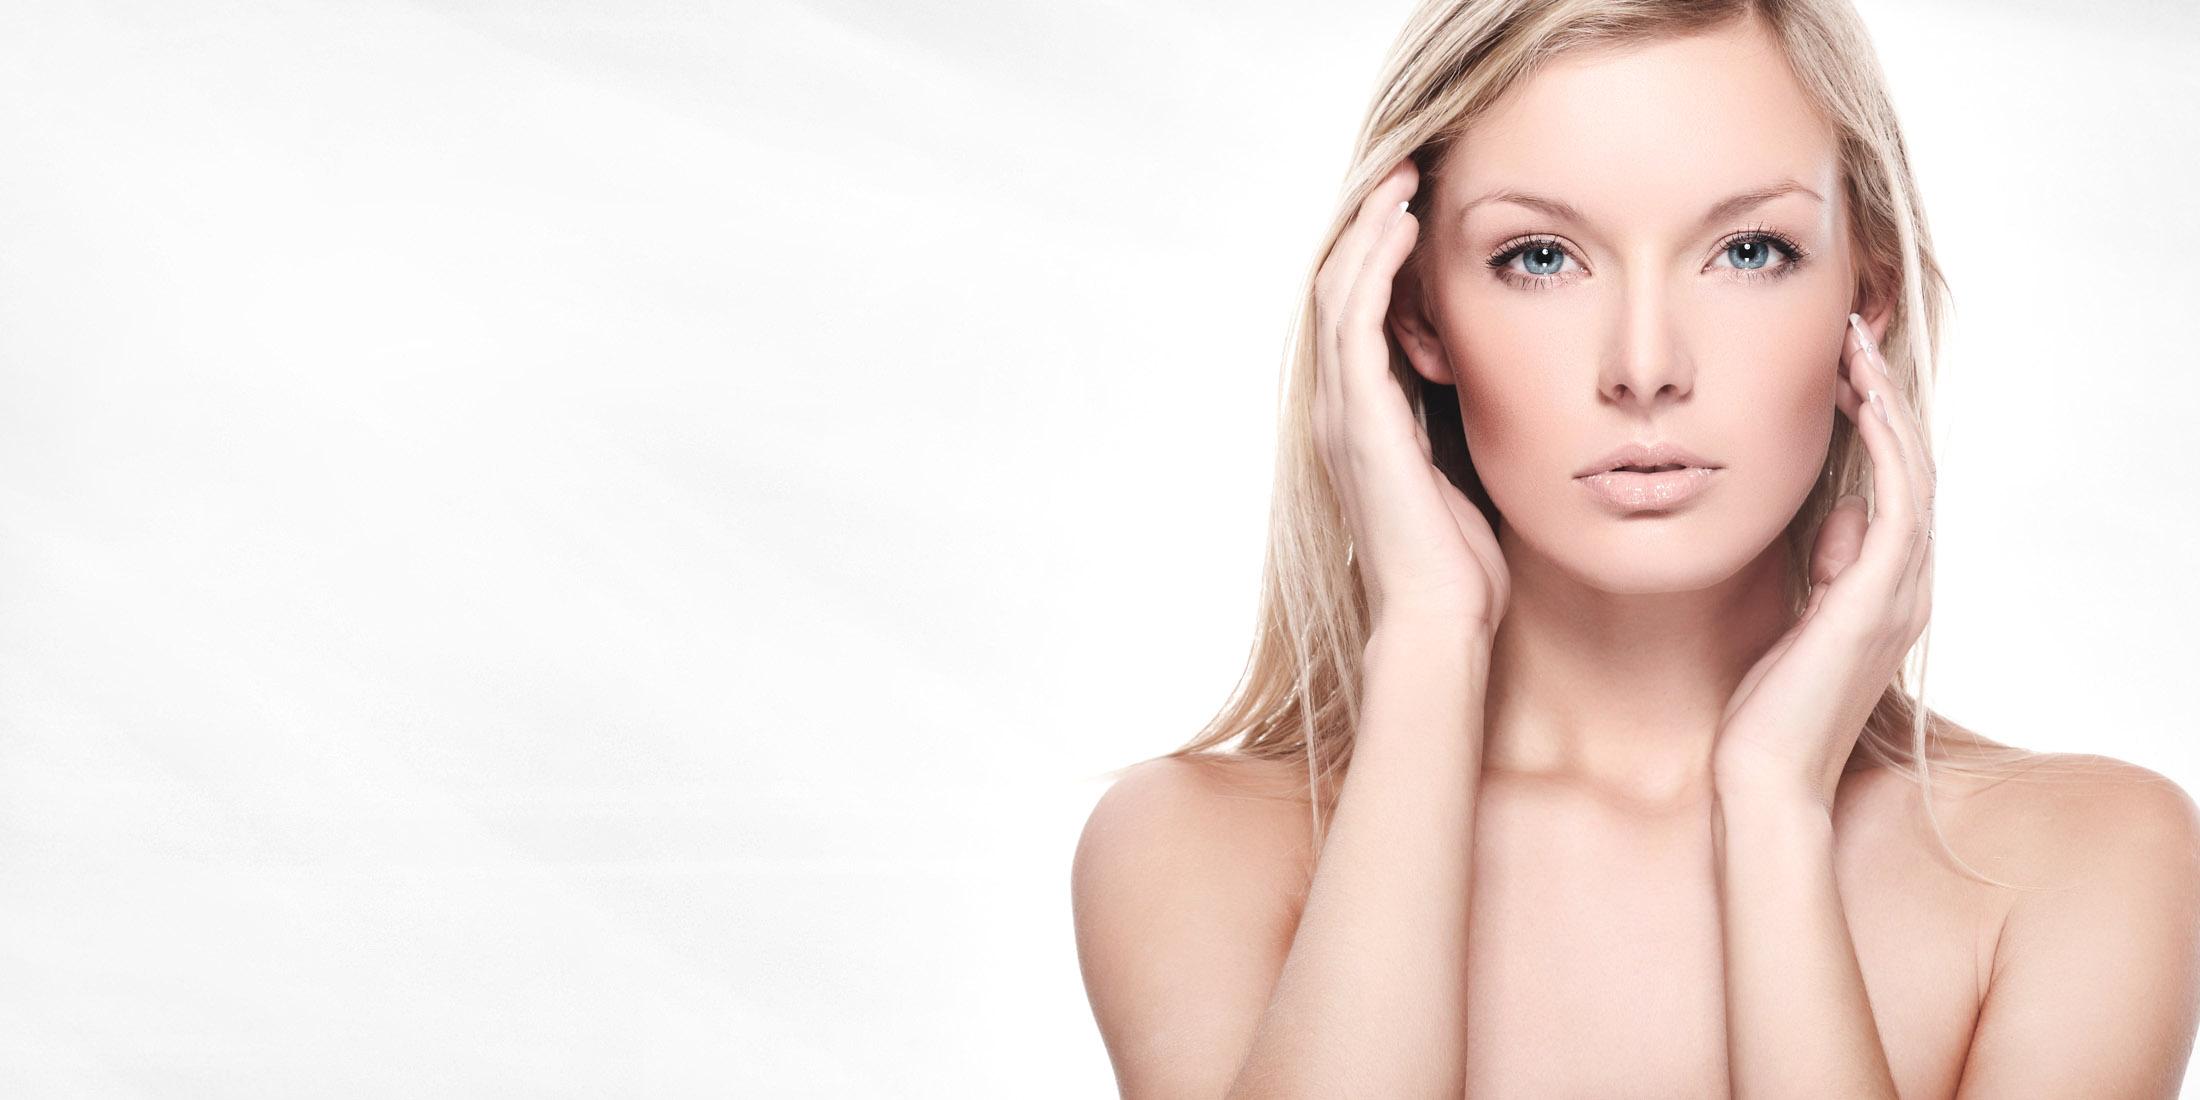 Cu operatii estetice, dorintele tale de frumusete devin realitate – Apeleaza la Kasem Aesthetic!